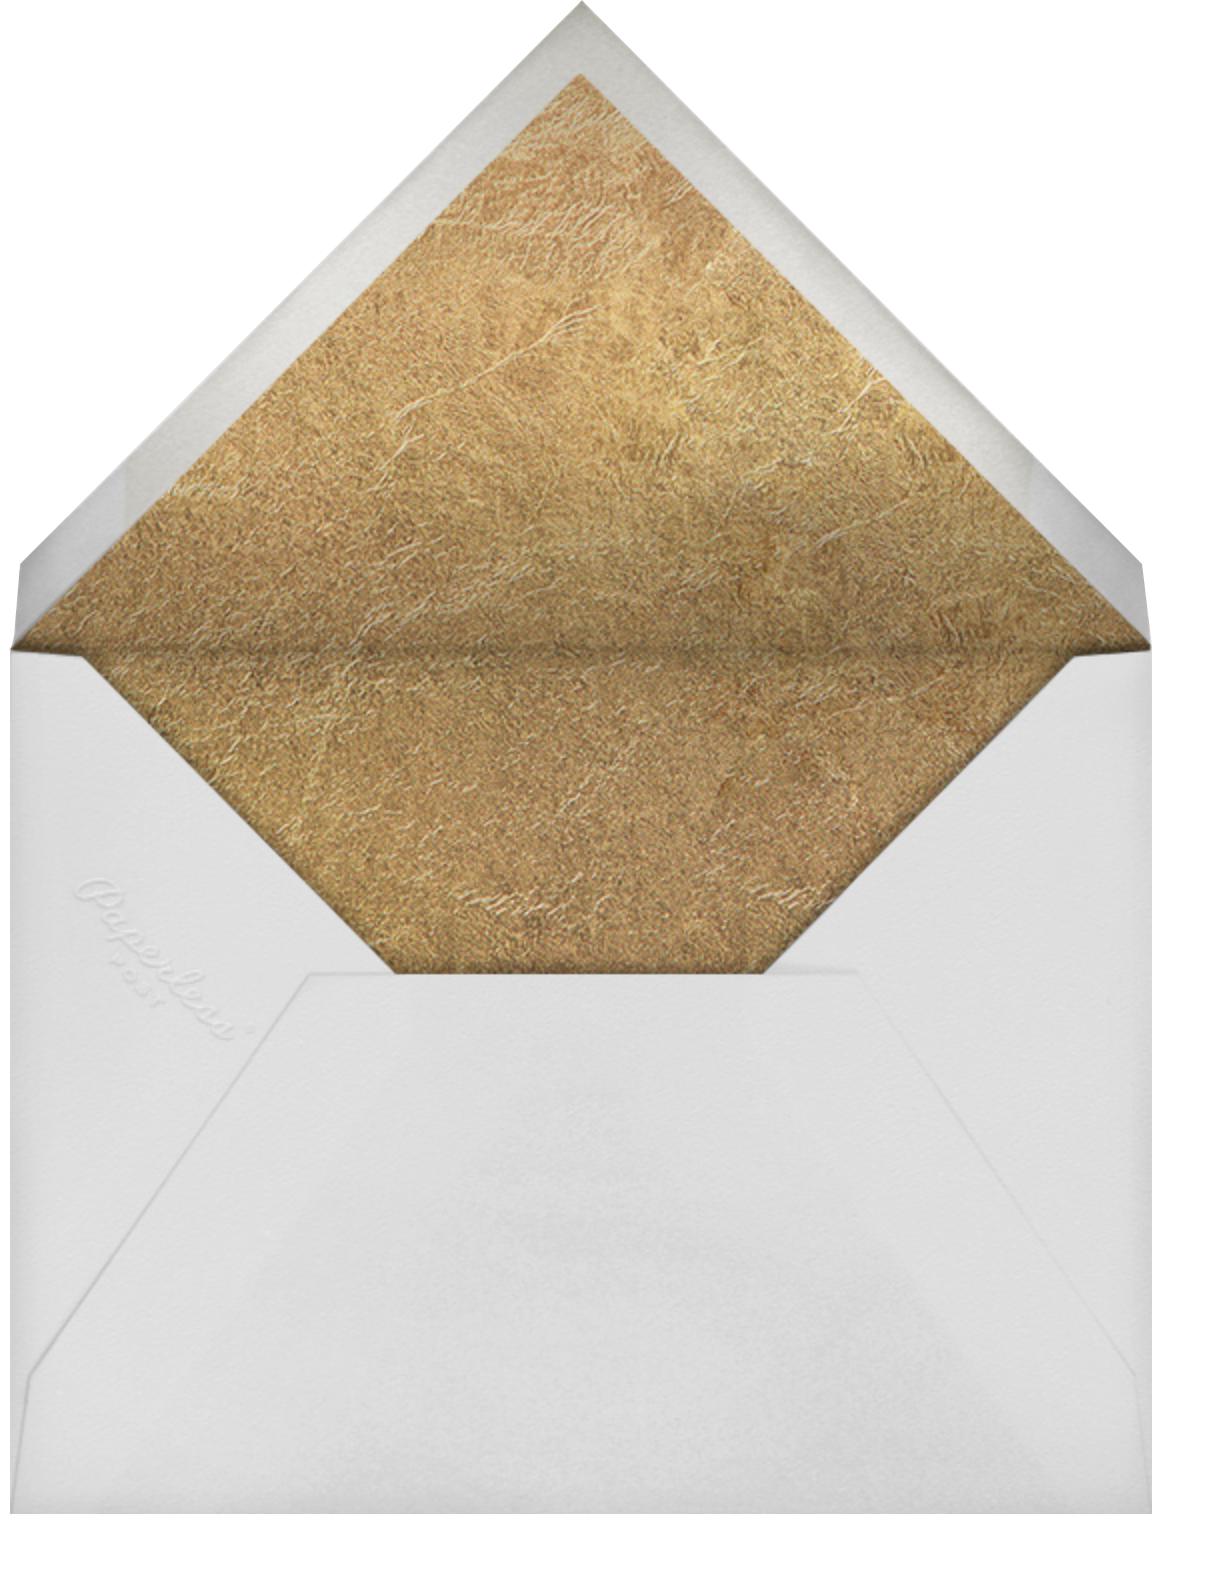 Moonplay - Celadon - Kelly Wearstler - Adult birthday - envelope back